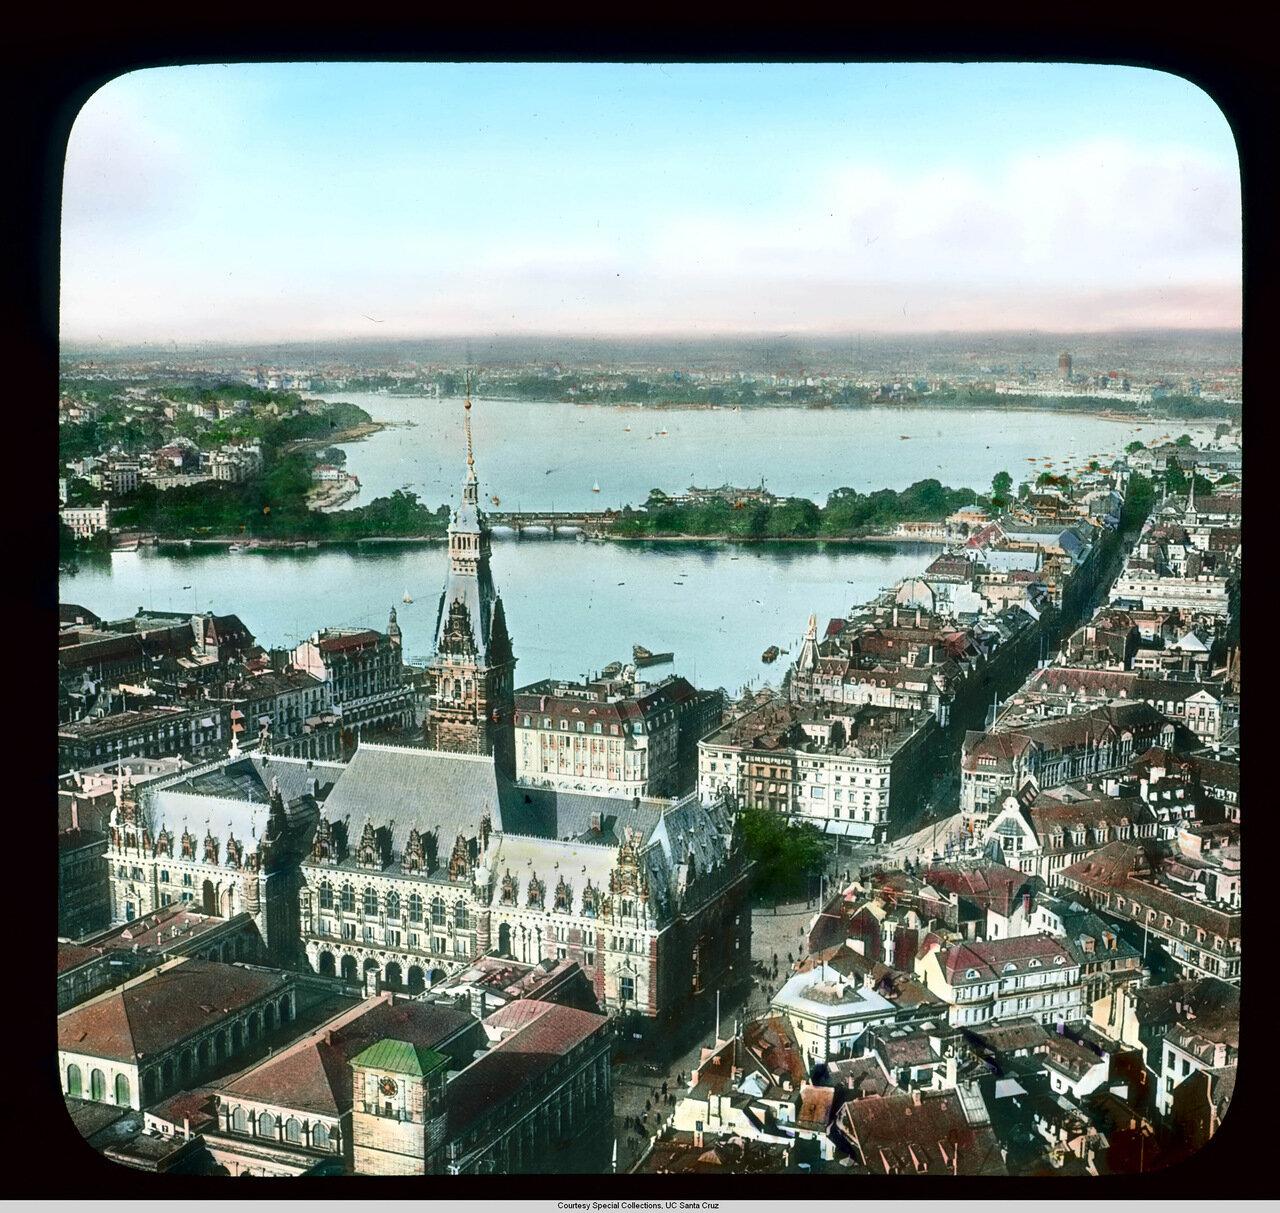 Гамбург. Вид с воздуха на городской центр м Ратушей и рекой Альстер